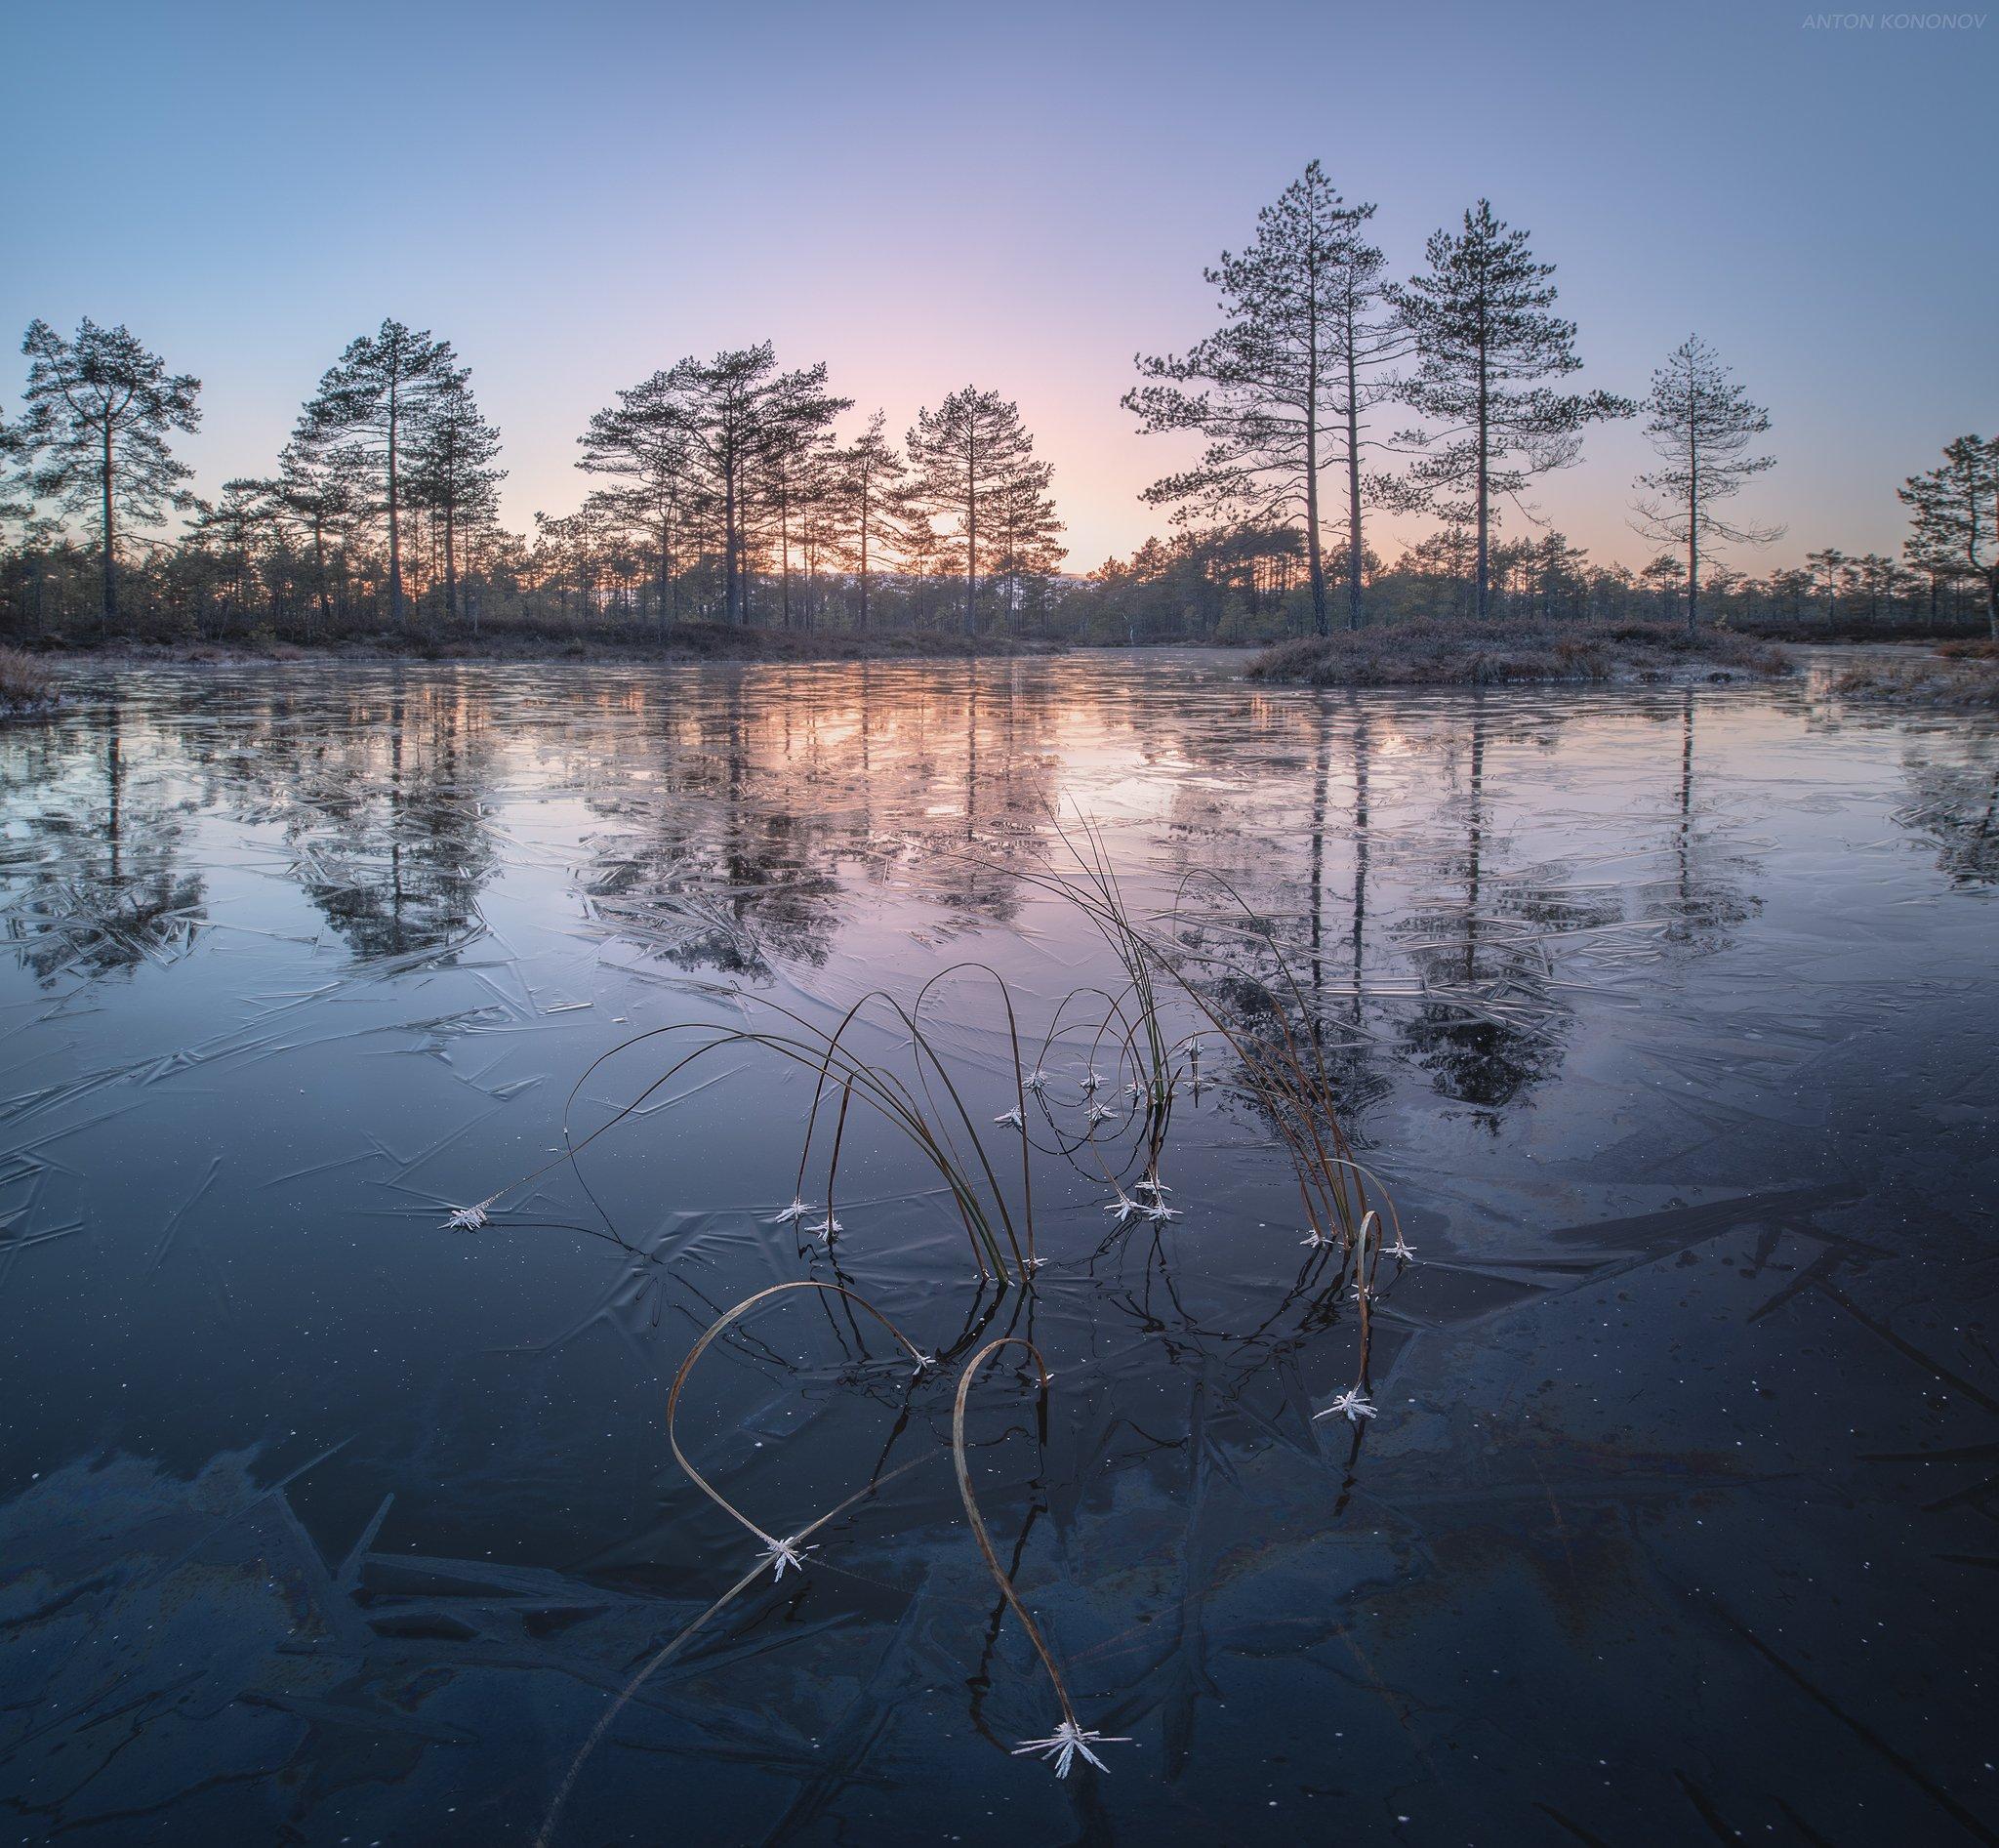 болото, лёд, сосны, закат, Кононов Антон